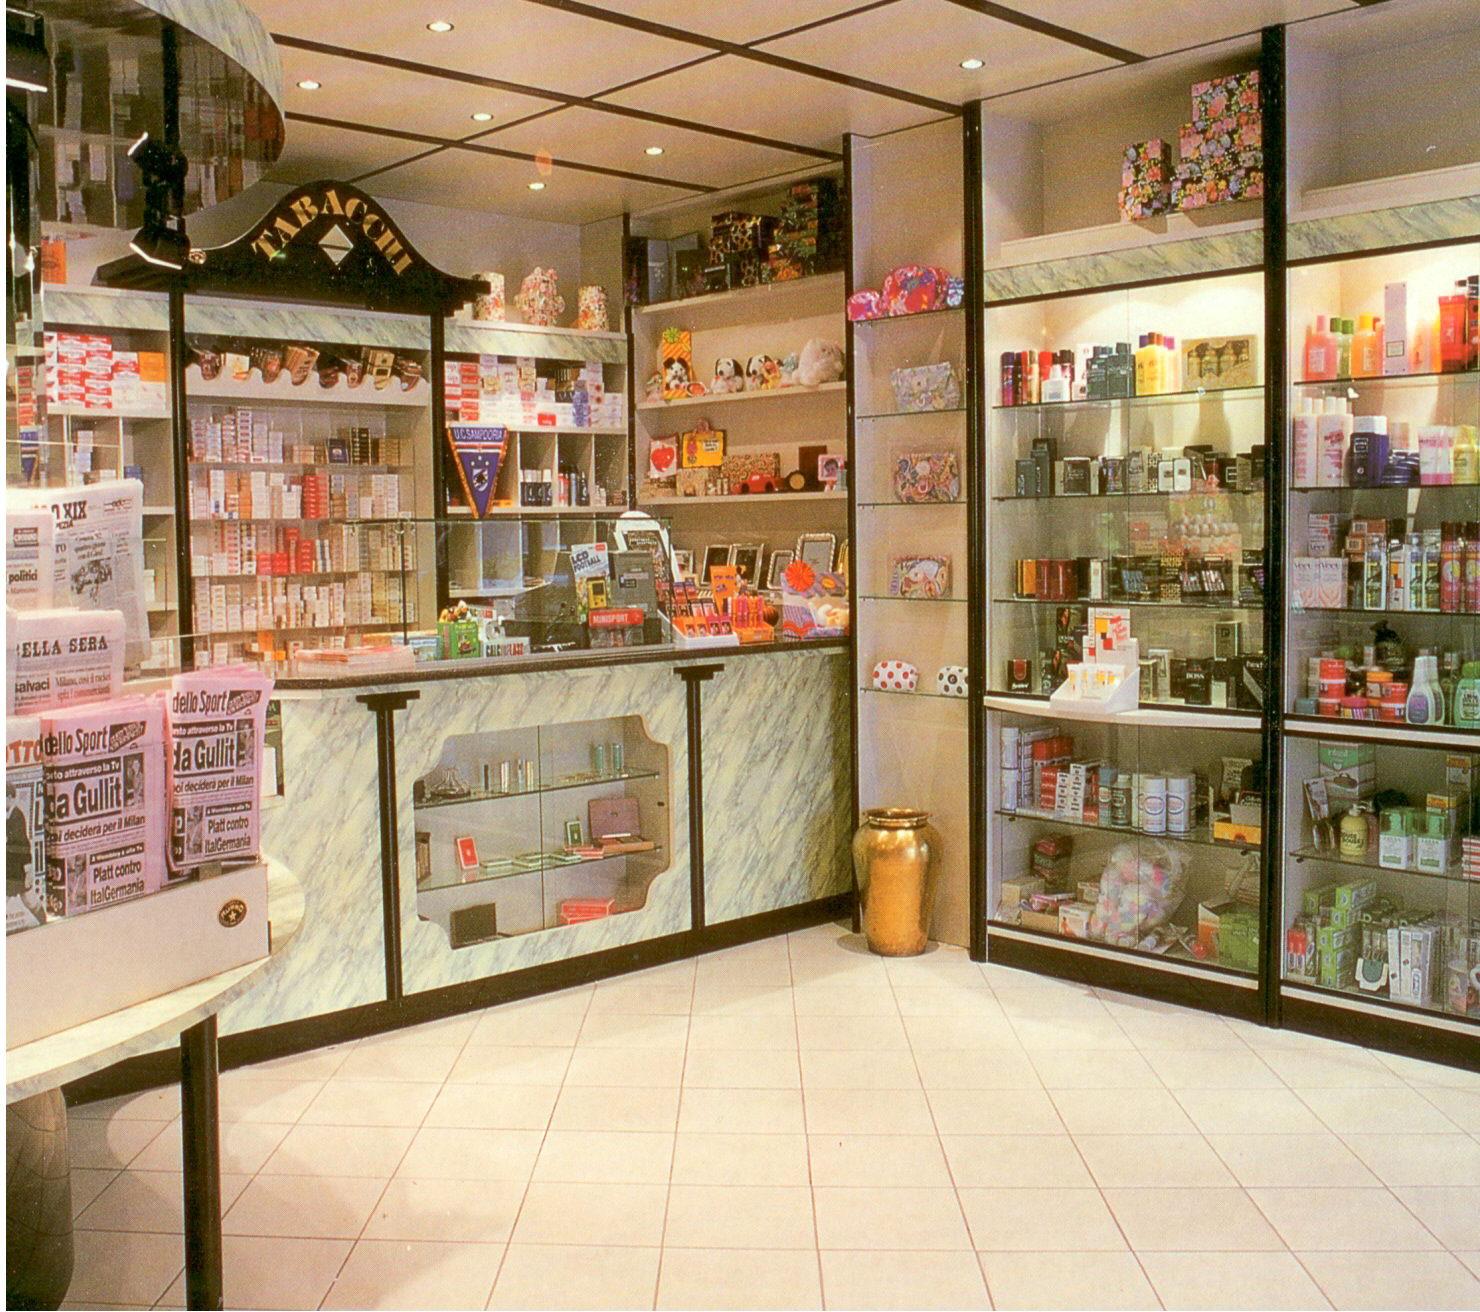 Arredo Negozio Parrucchiera Usato : Arredamento negozio parrucchiere ...